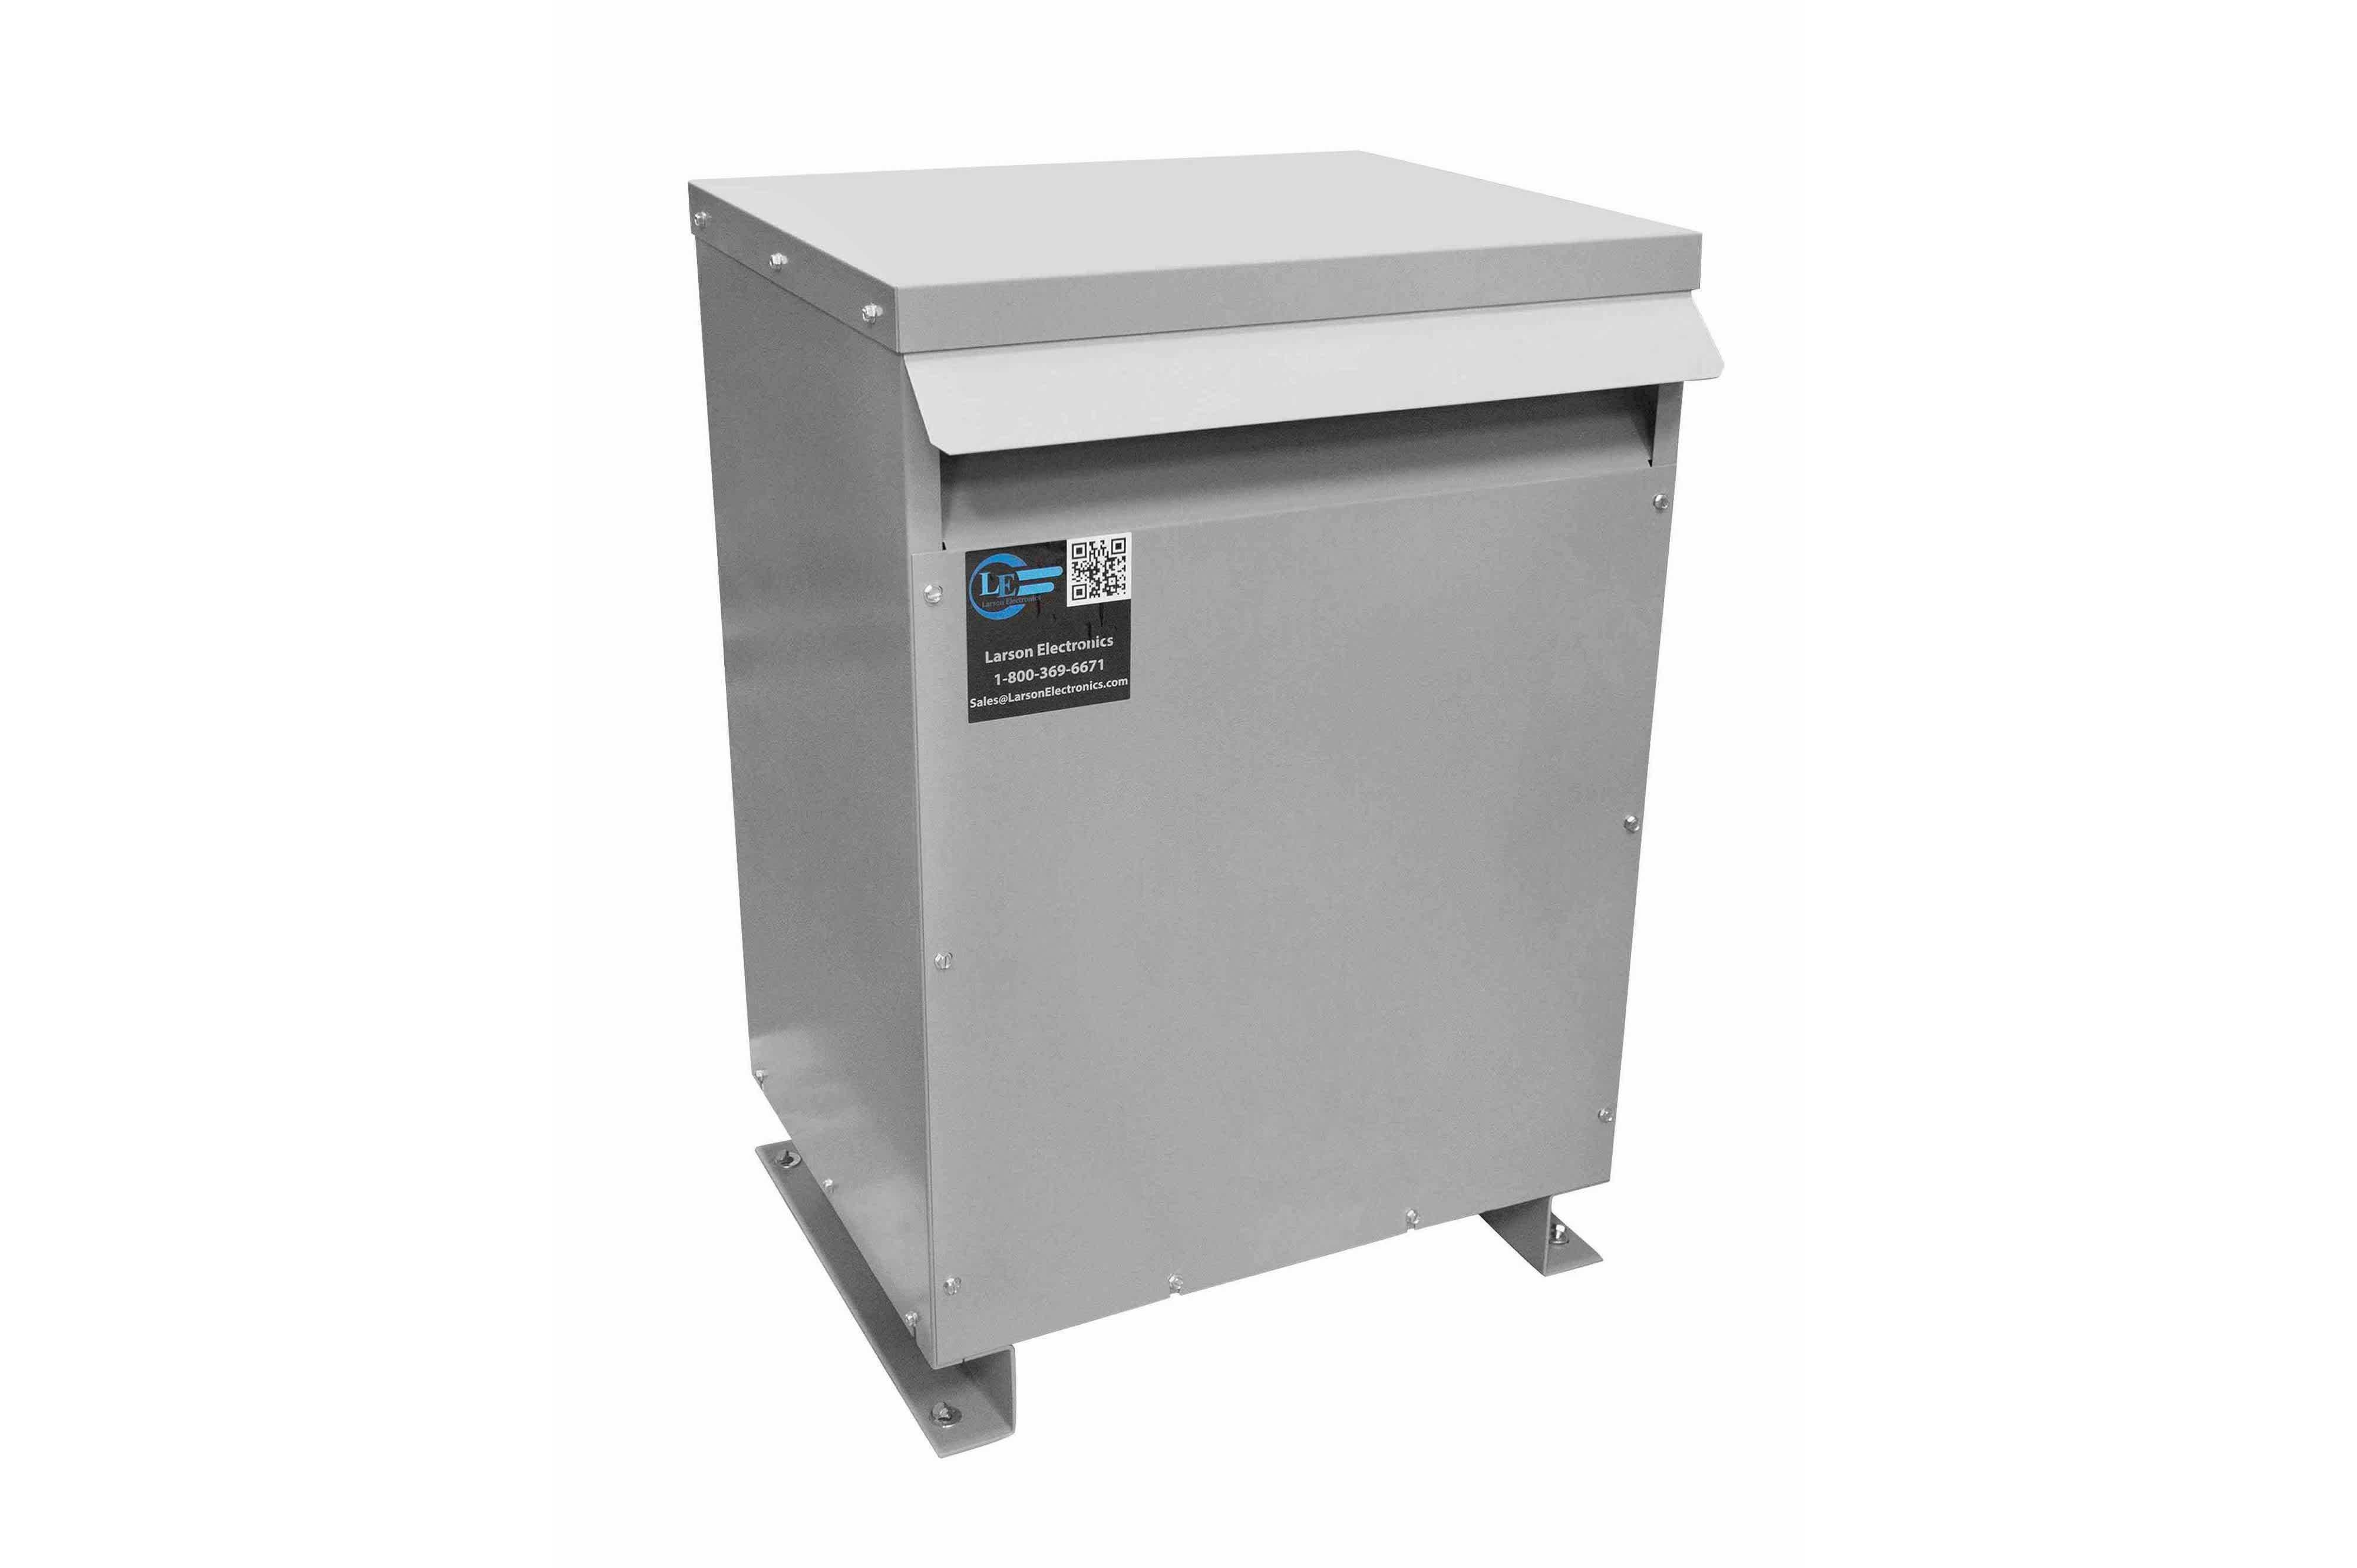 30 kVA 3PH Isolation Transformer, 230V Delta Primary, 480V Delta Secondary, N3R, Ventilated, 60 Hz